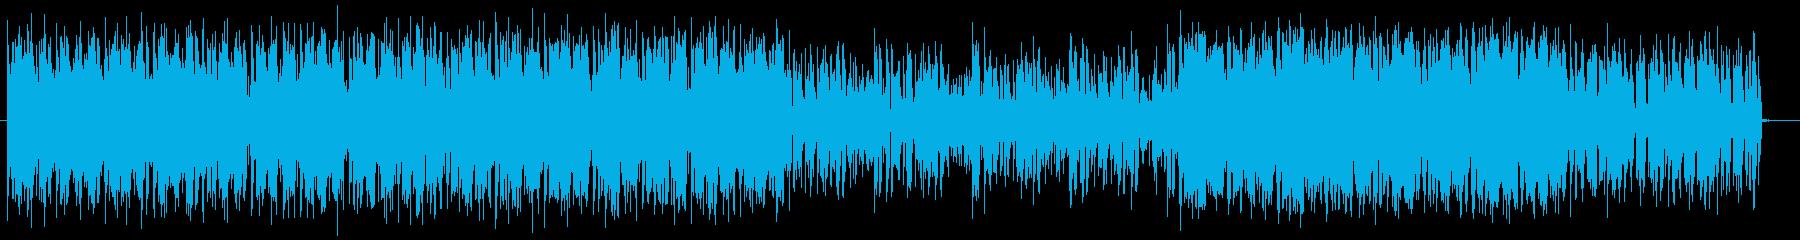 煌びやかで神秘的なテクノポップの再生済みの波形